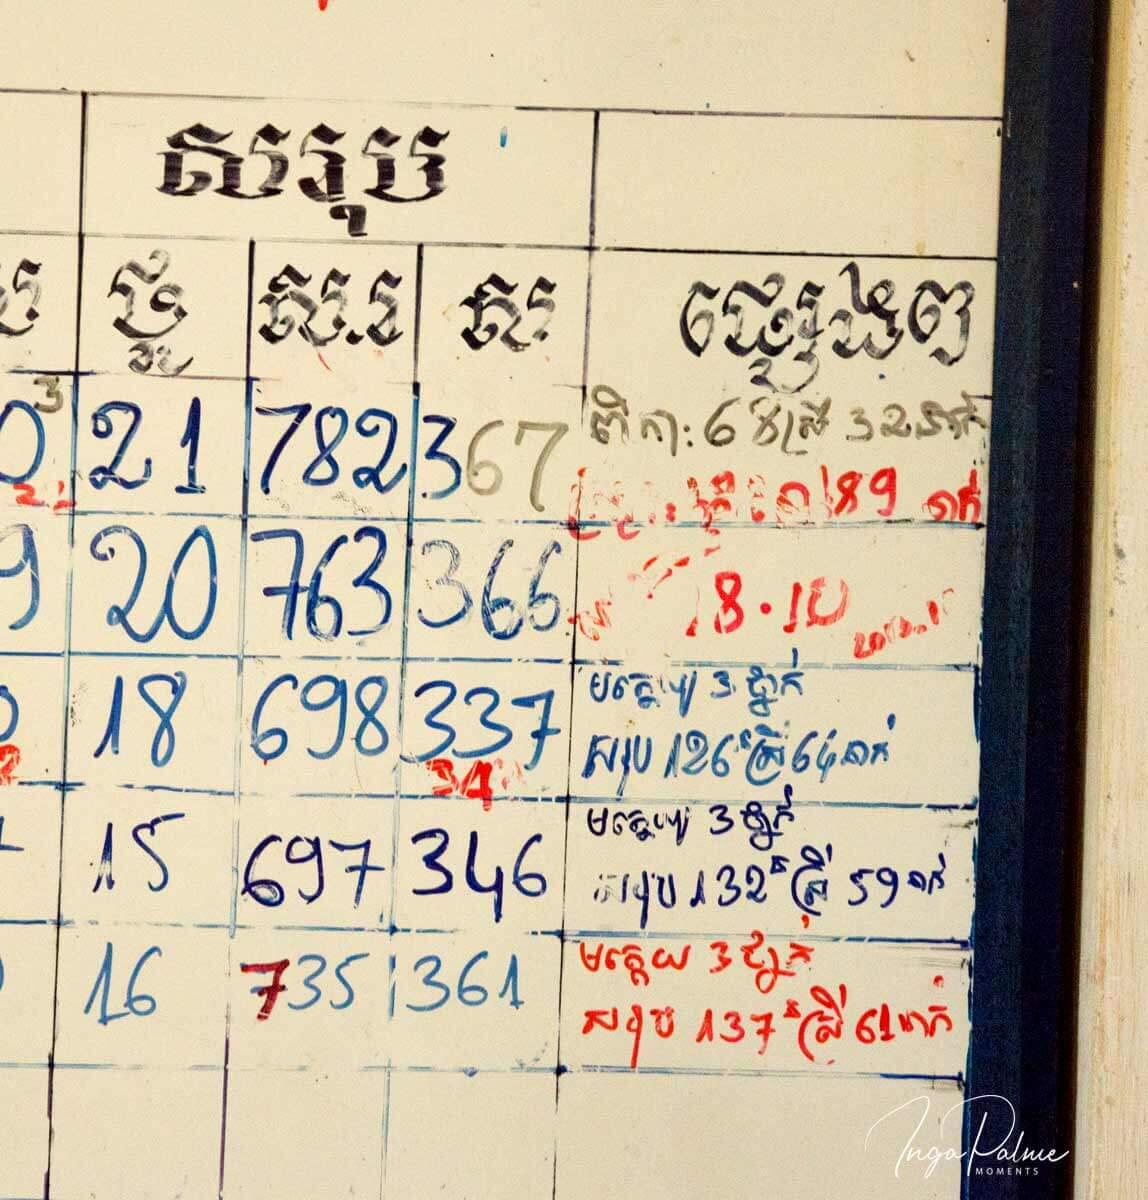 Wandtafel im Sekretariat einer Schule in Siem Reap